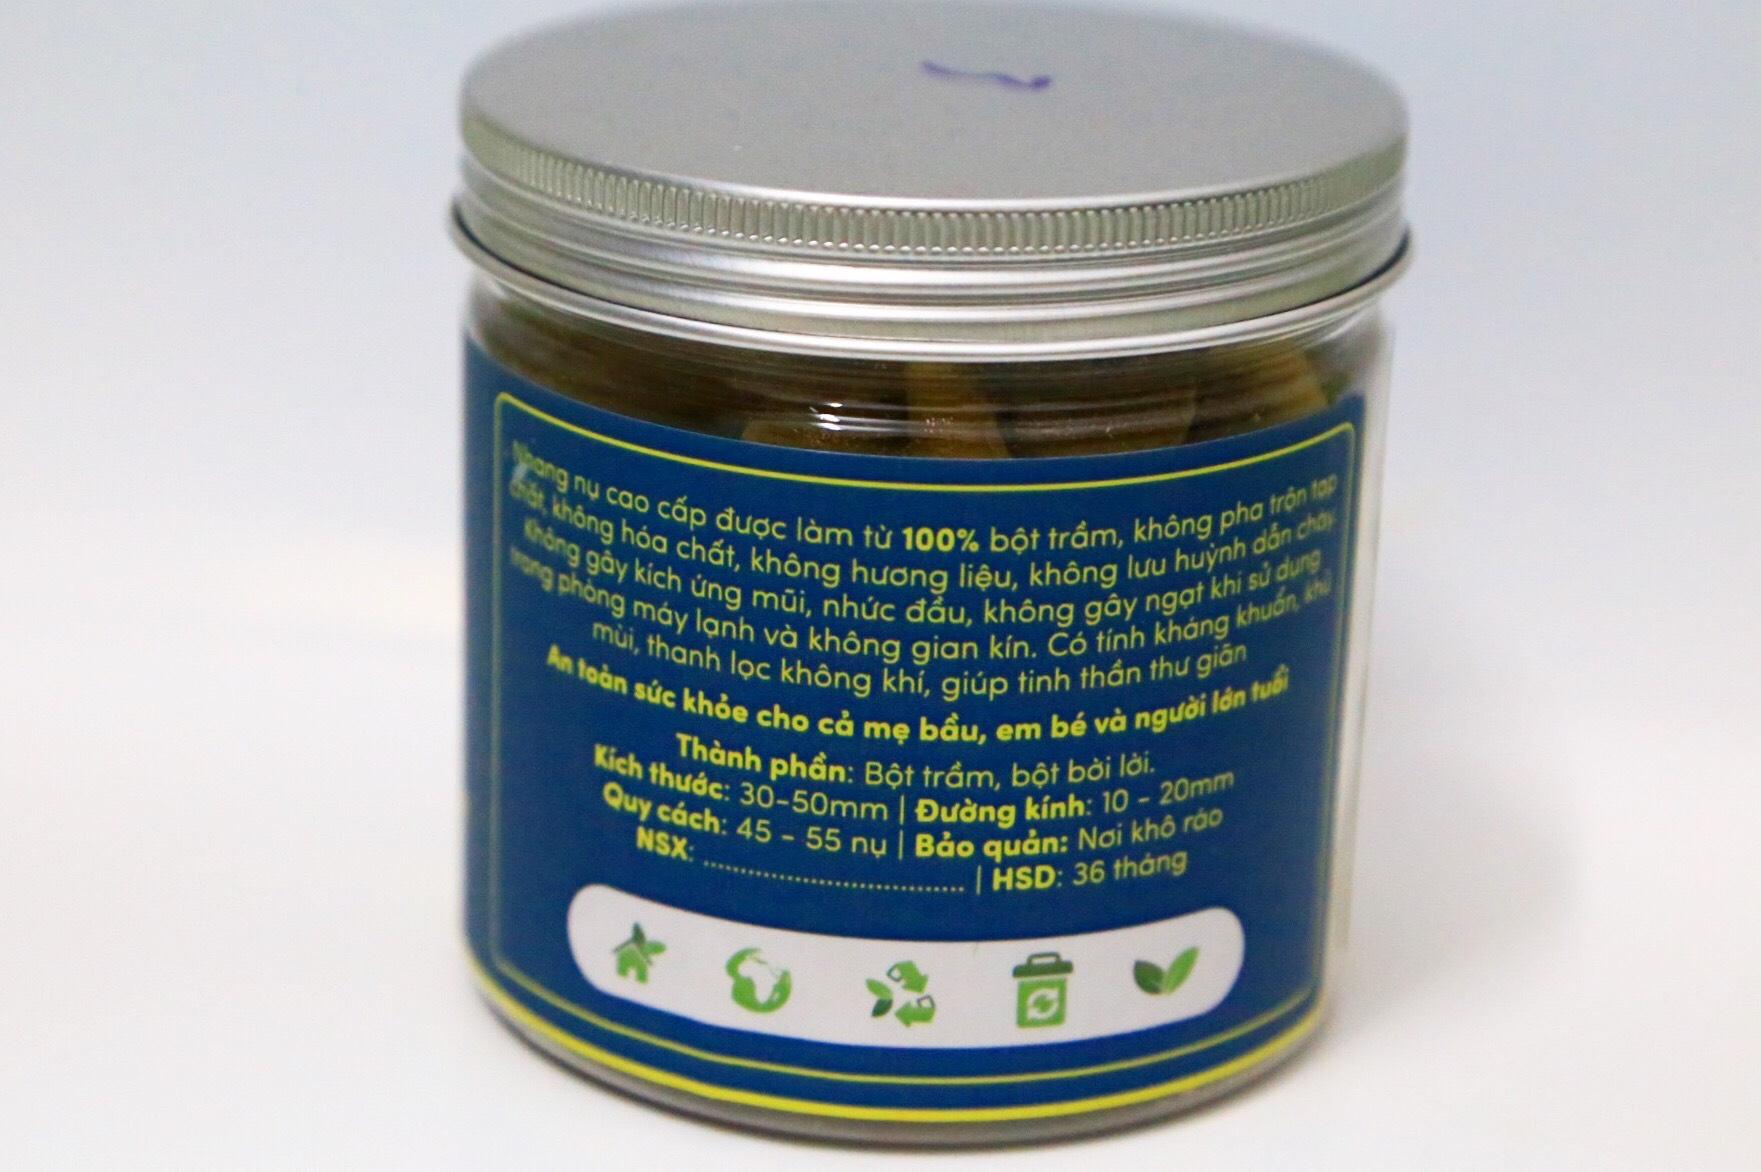 Nhang Nụ Trầm Hương khói tỏa ngược cao cấp An Mộc Nhiên từ 100% thiên nhiên dùng cho thác khói